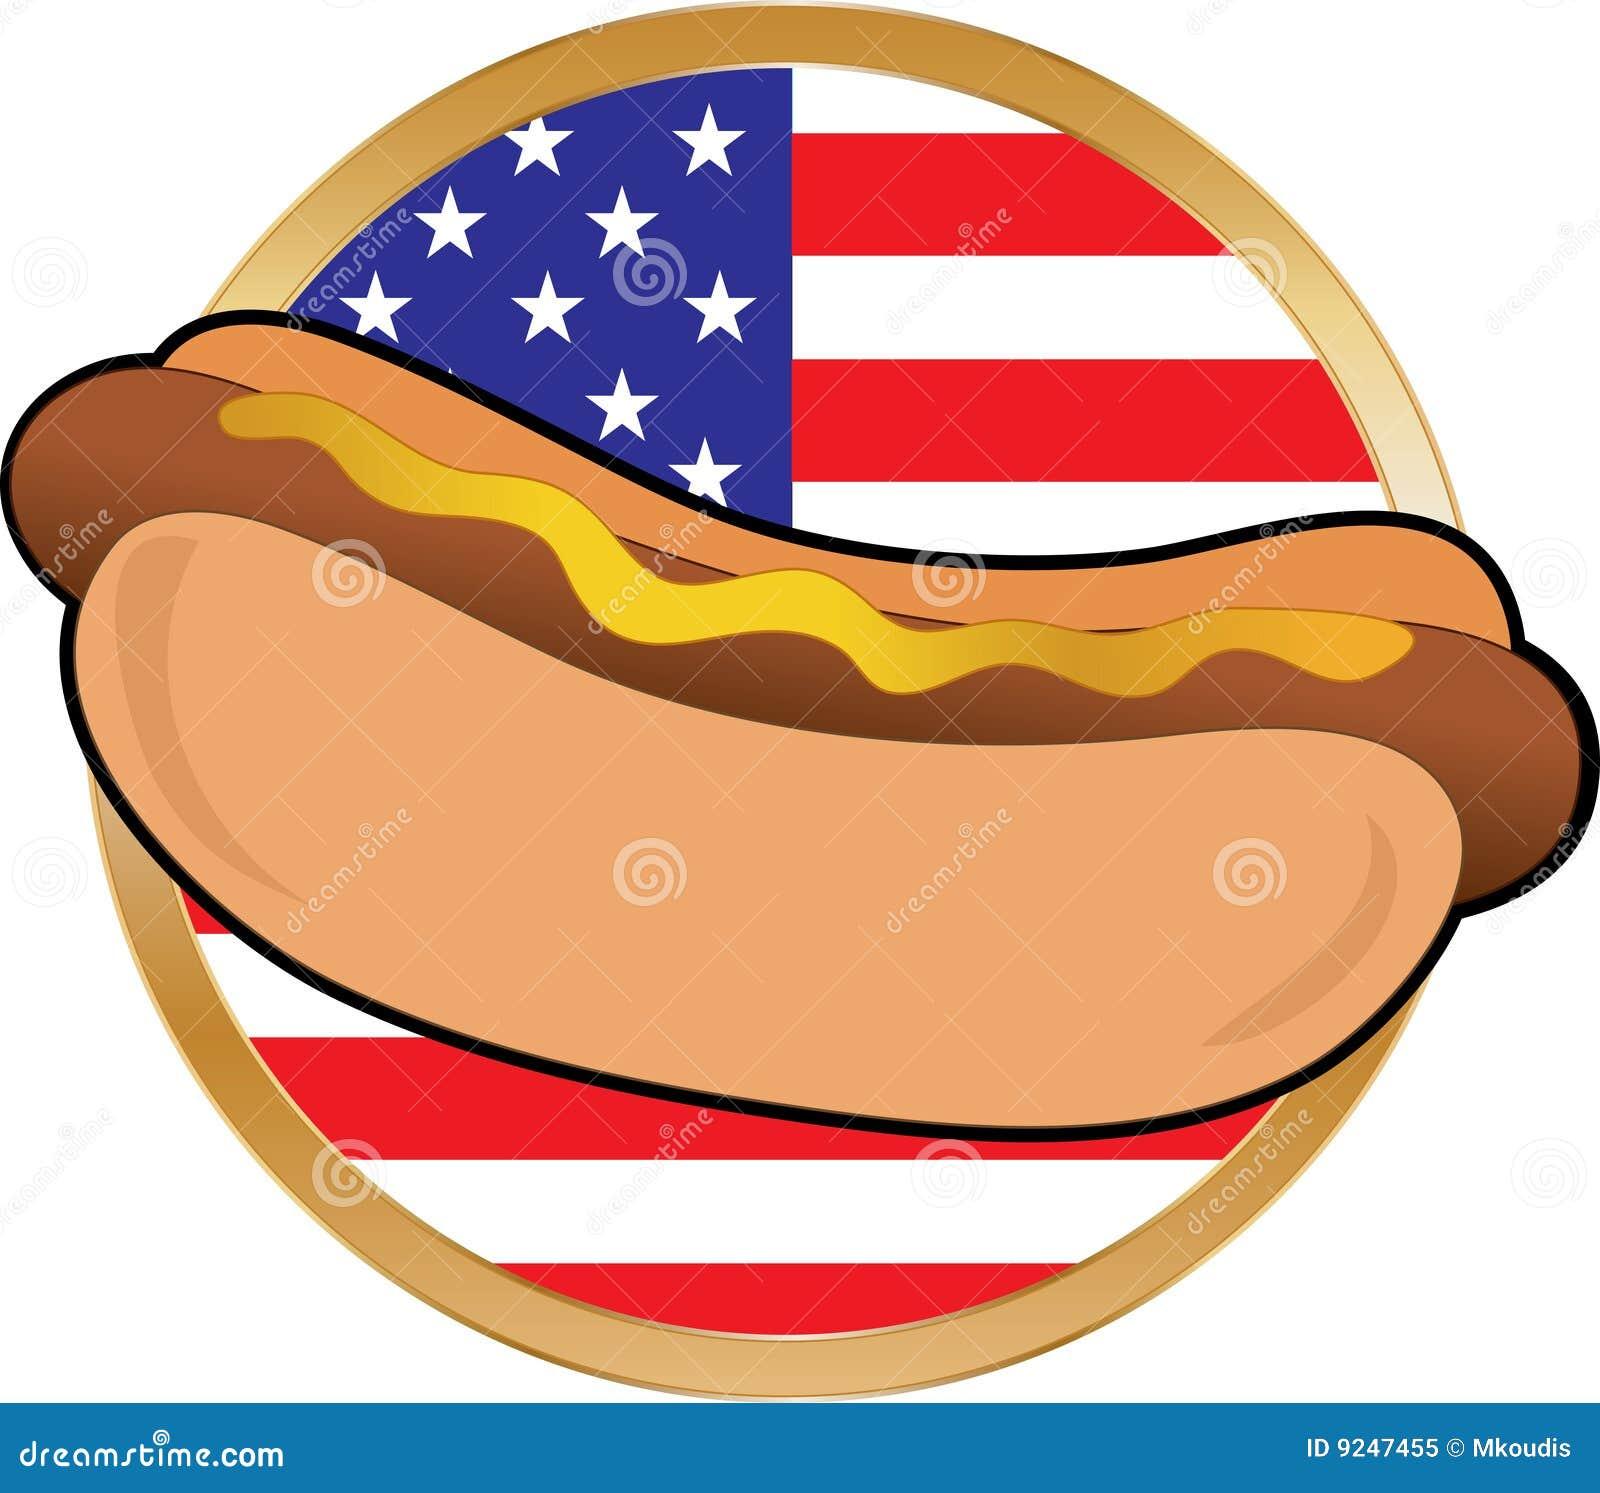 a25e7de9f607 Hot Dog American Flag Stock Illustrations – 107 Hot Dog American Flag Stock  Illustrations